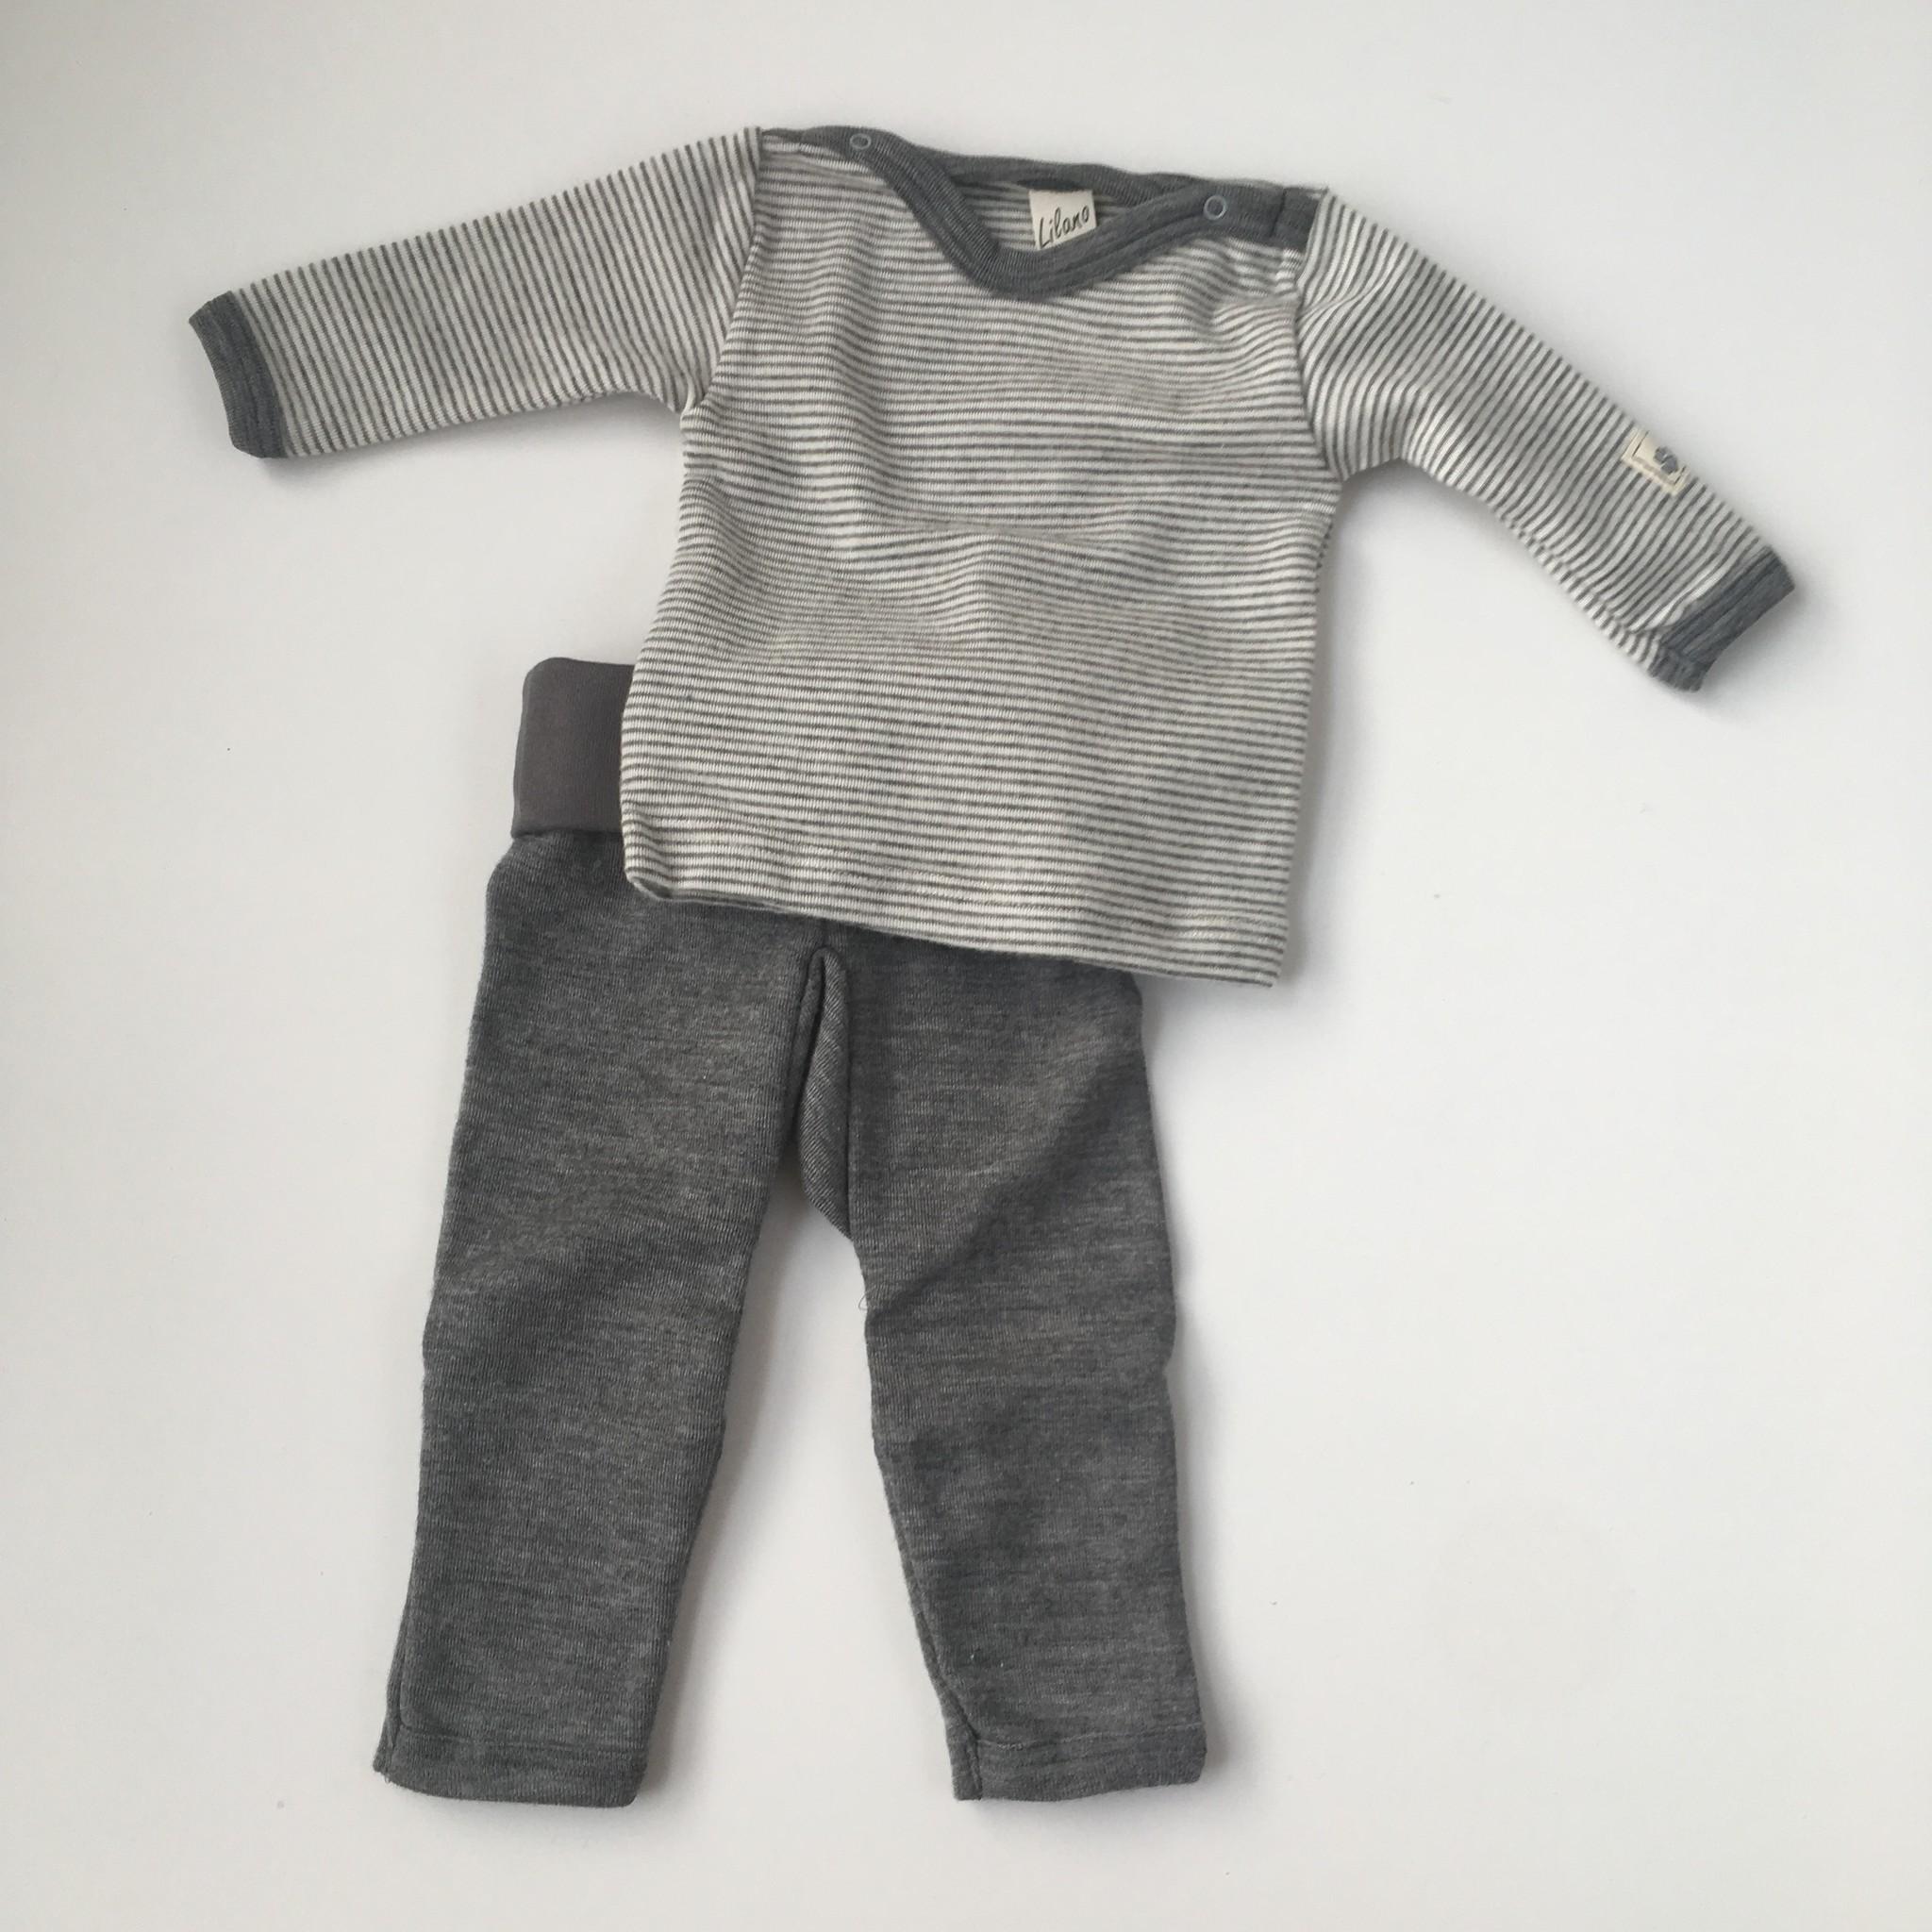 Lilano  wol zijde broekje - 70% biologische merino wol / 30% zijde - grijs - 56 tm 86